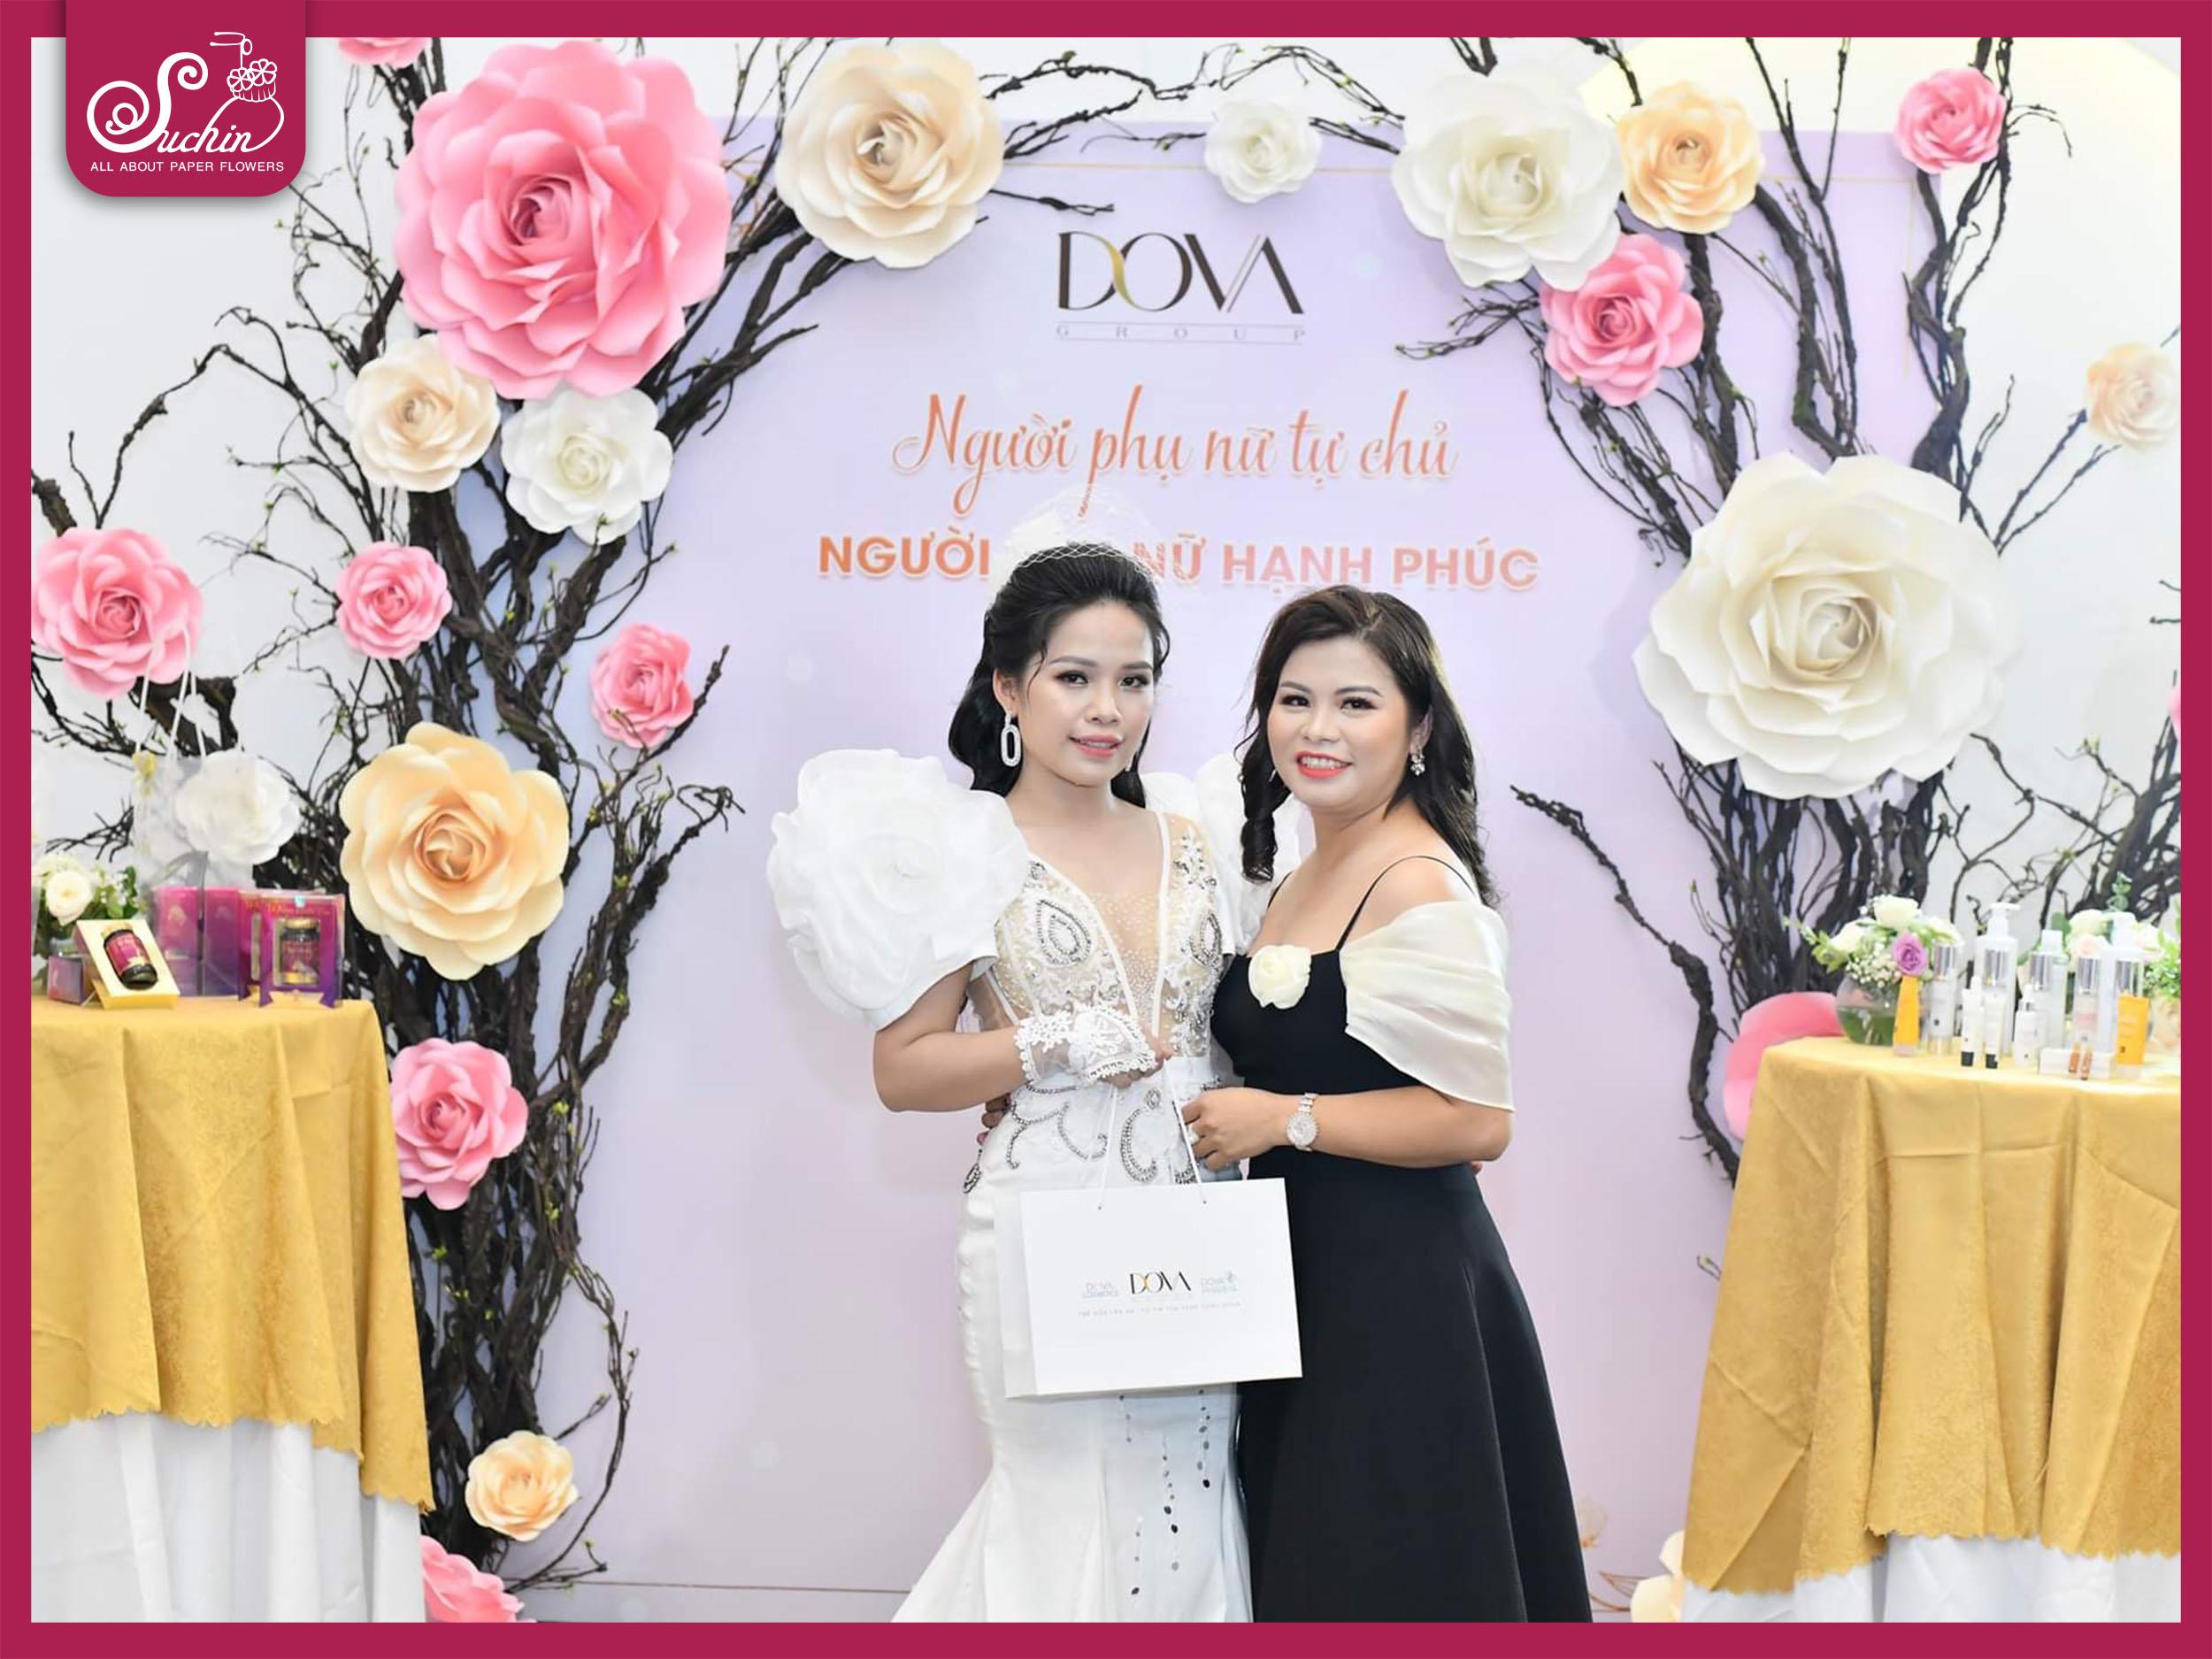 DOVA – Backdrop hoa giấy sự kiện